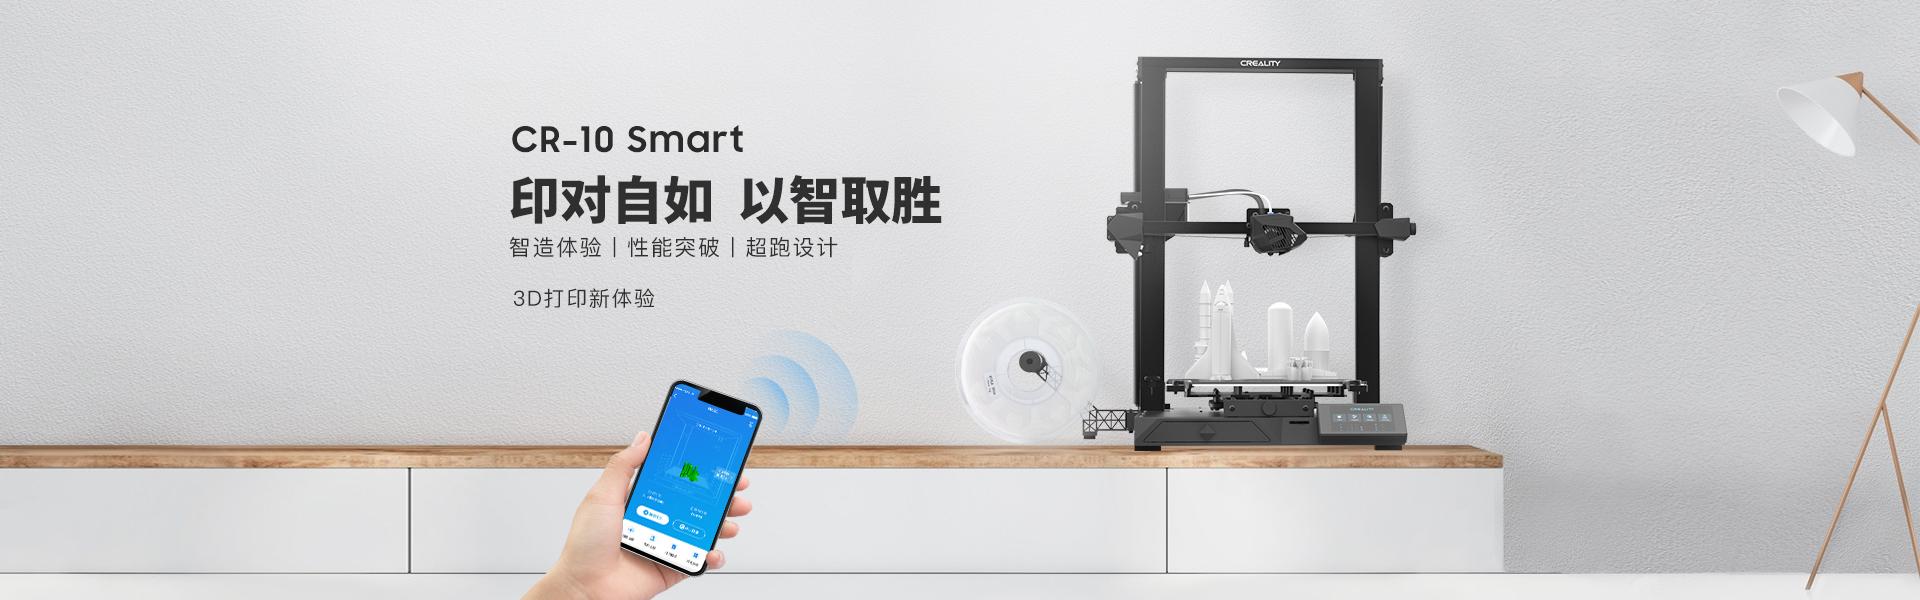 印对自如 - CR-10 Smart 3D打印机